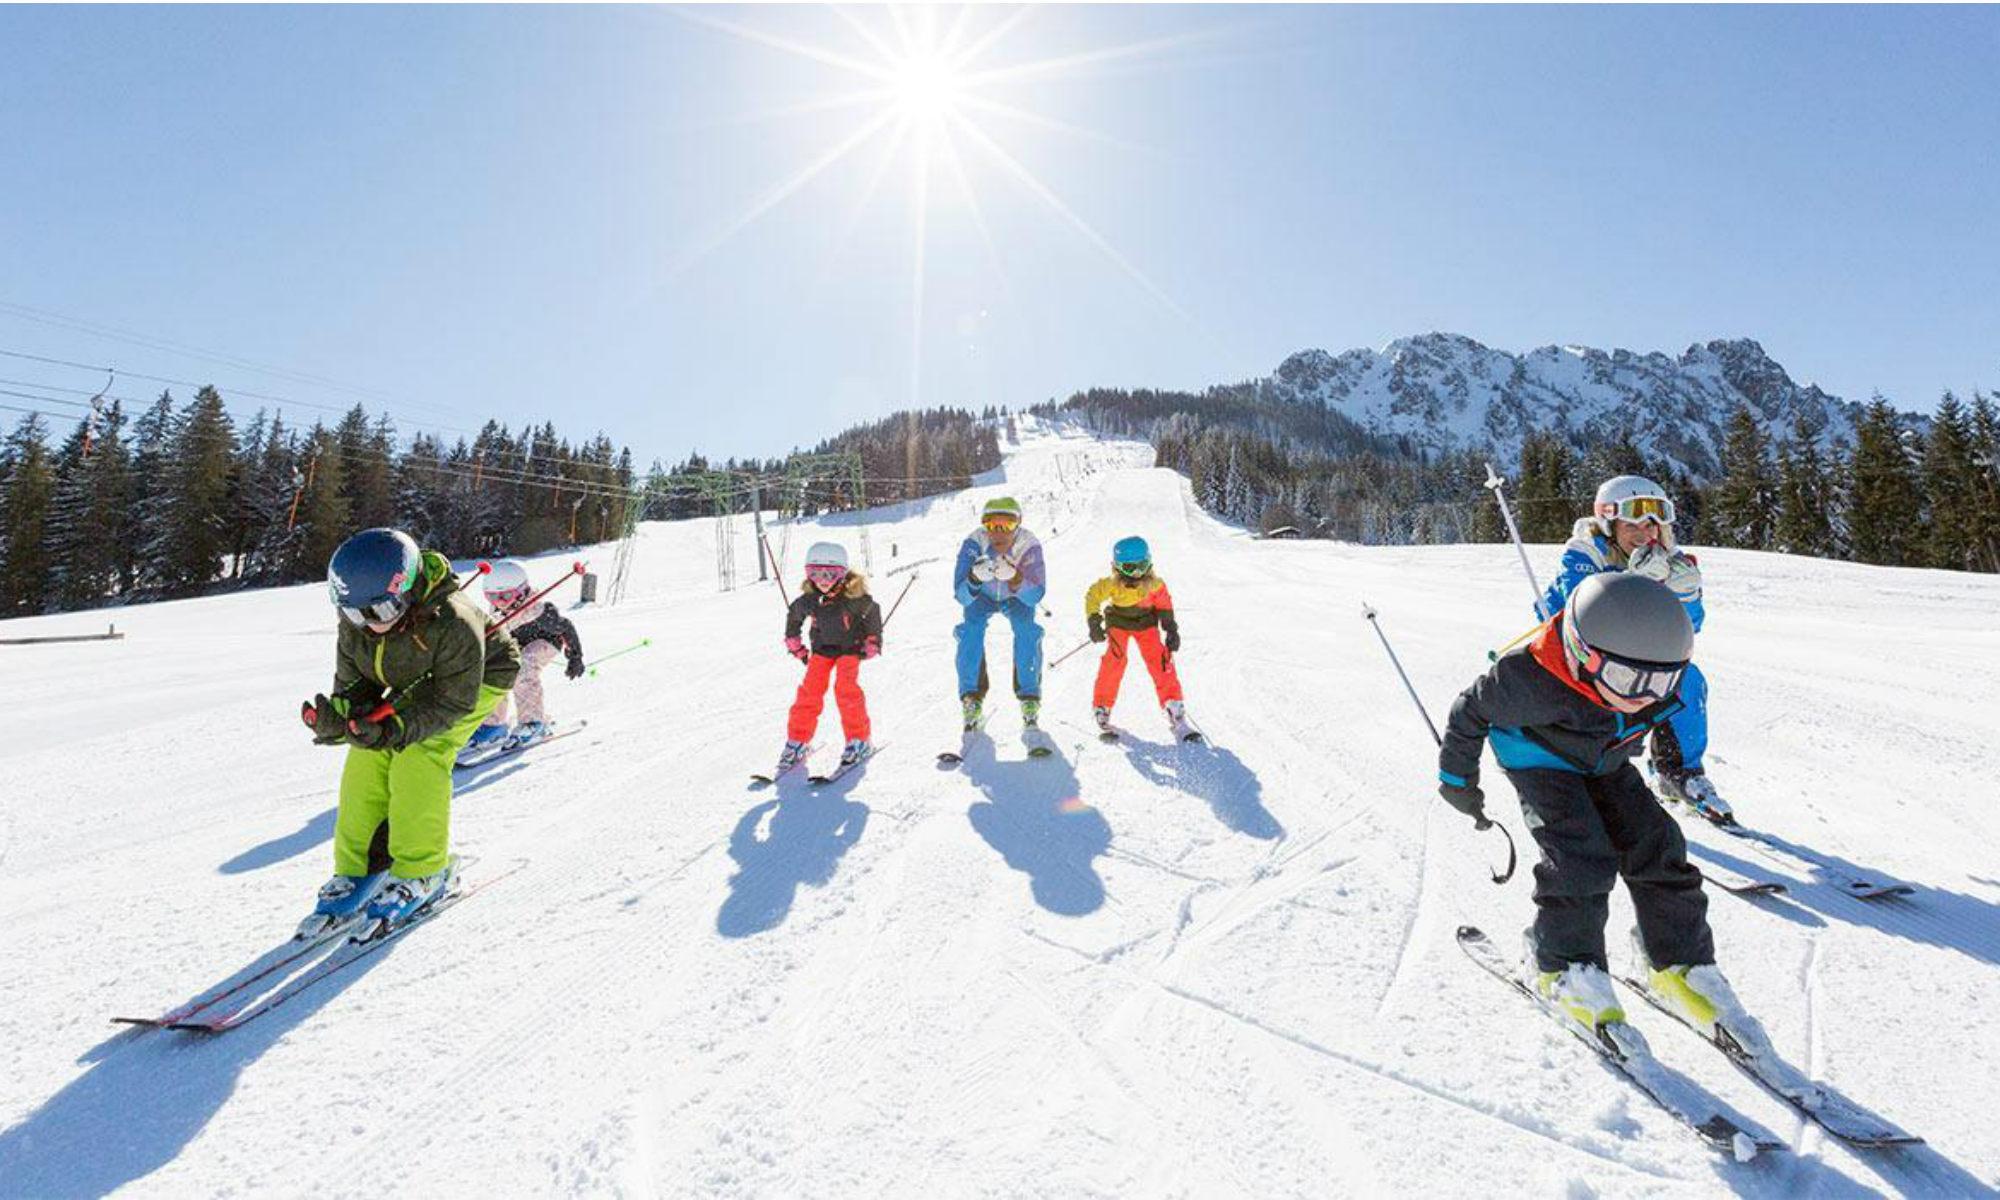 Eine Skikursgruppe befährt eine sonnige blaue Piste in Balderschwang.